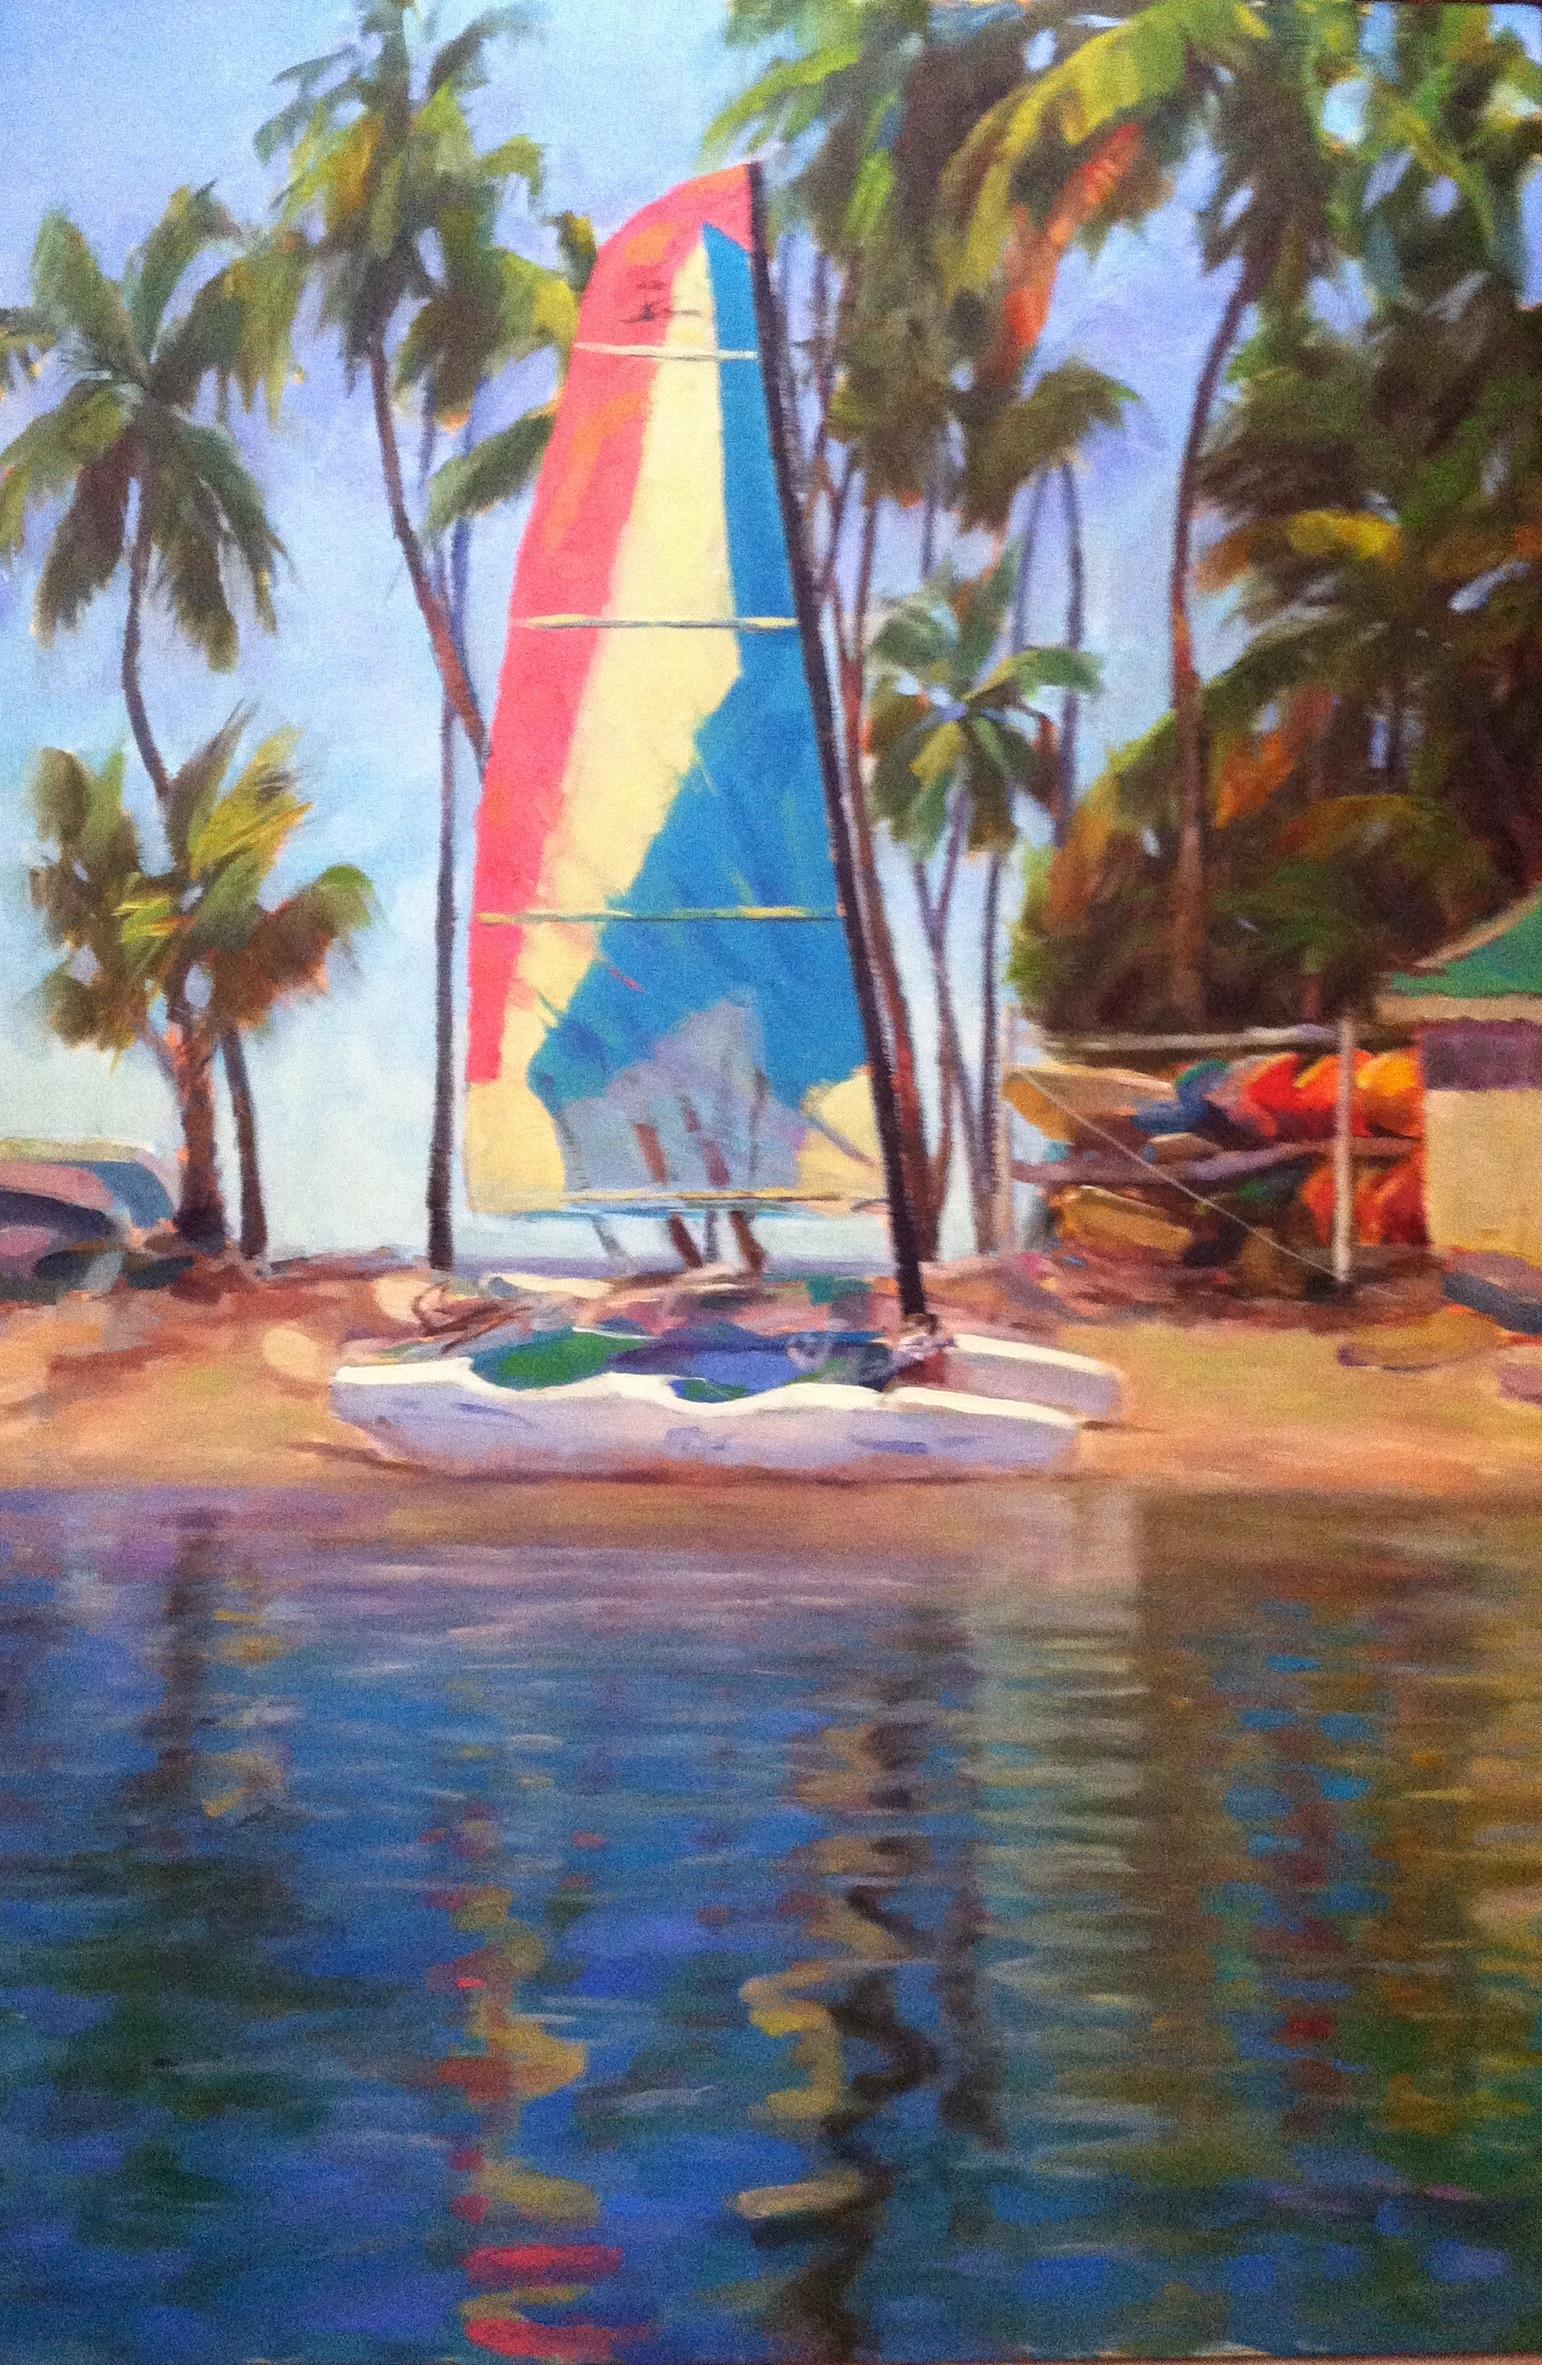 sailing at noon 2